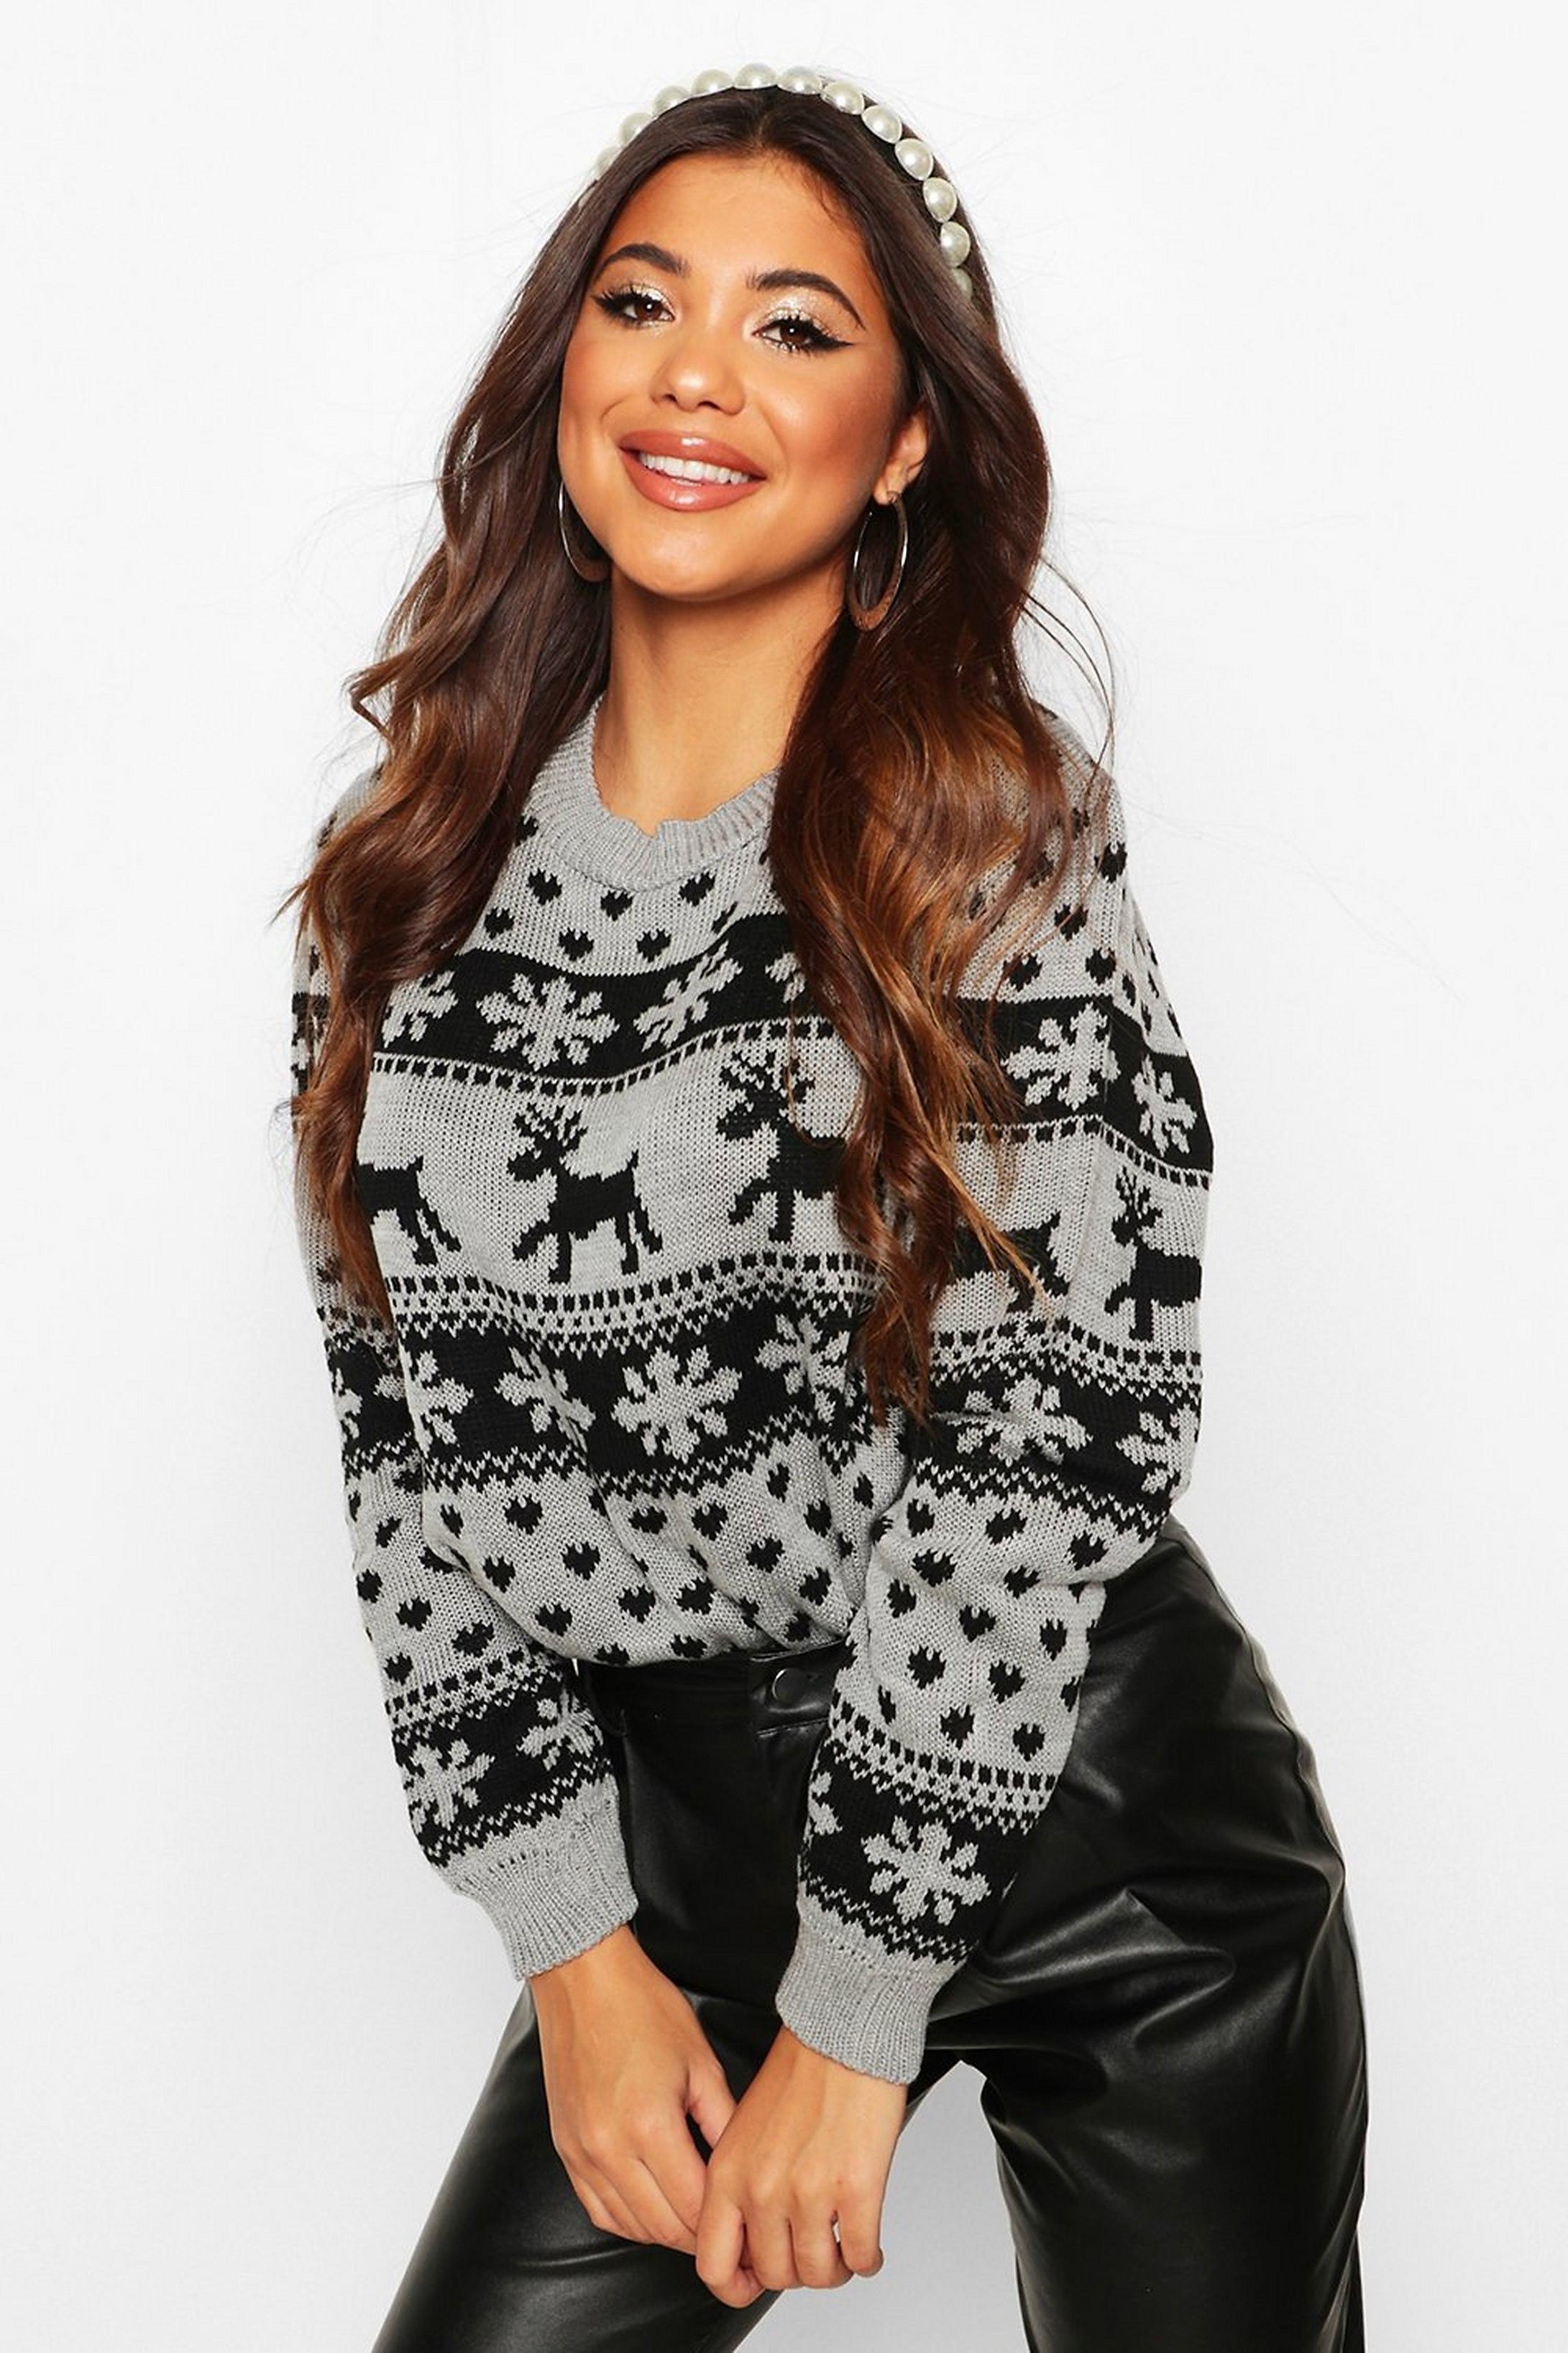 Reindeer Fairisle Christmas Jumper - £12 @ Boohoo